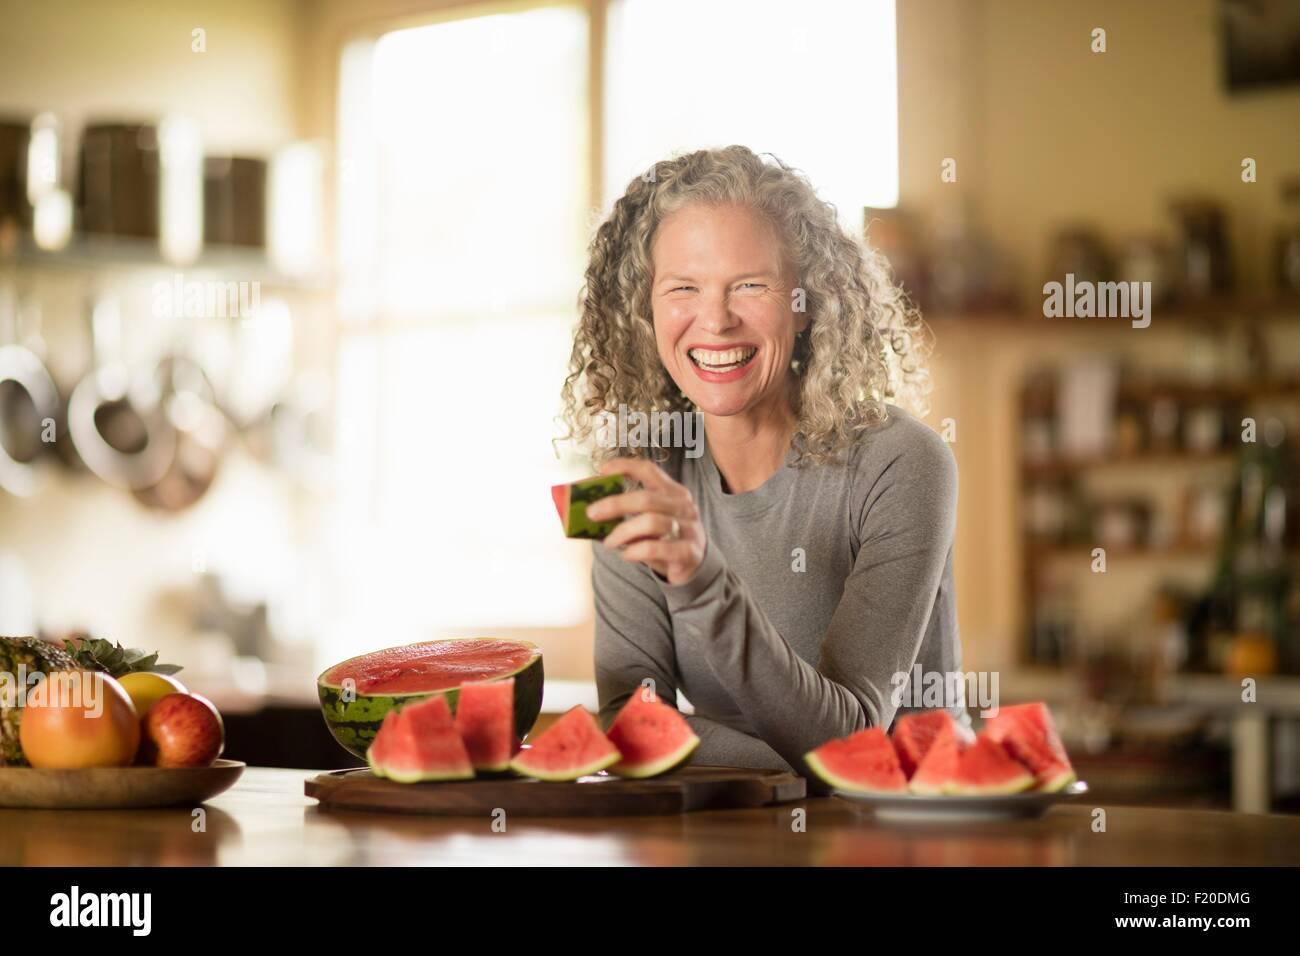 Ritratto di donna matura mangiando anguria in cucina Immagini Stock